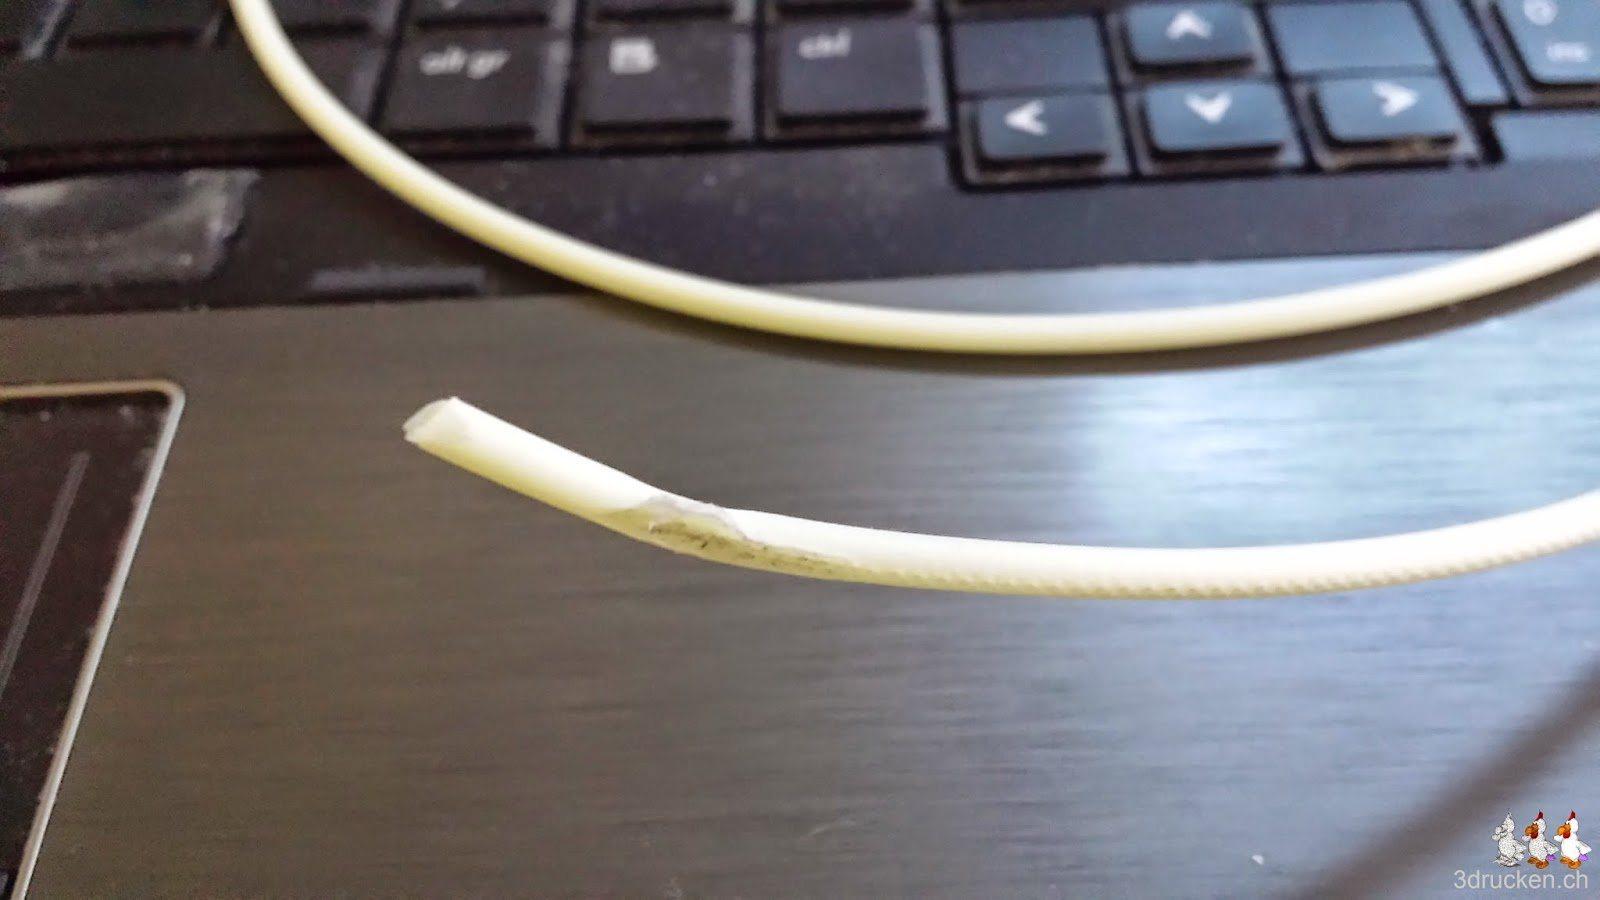 Foto des gequetschten und zerfressenen Filaments